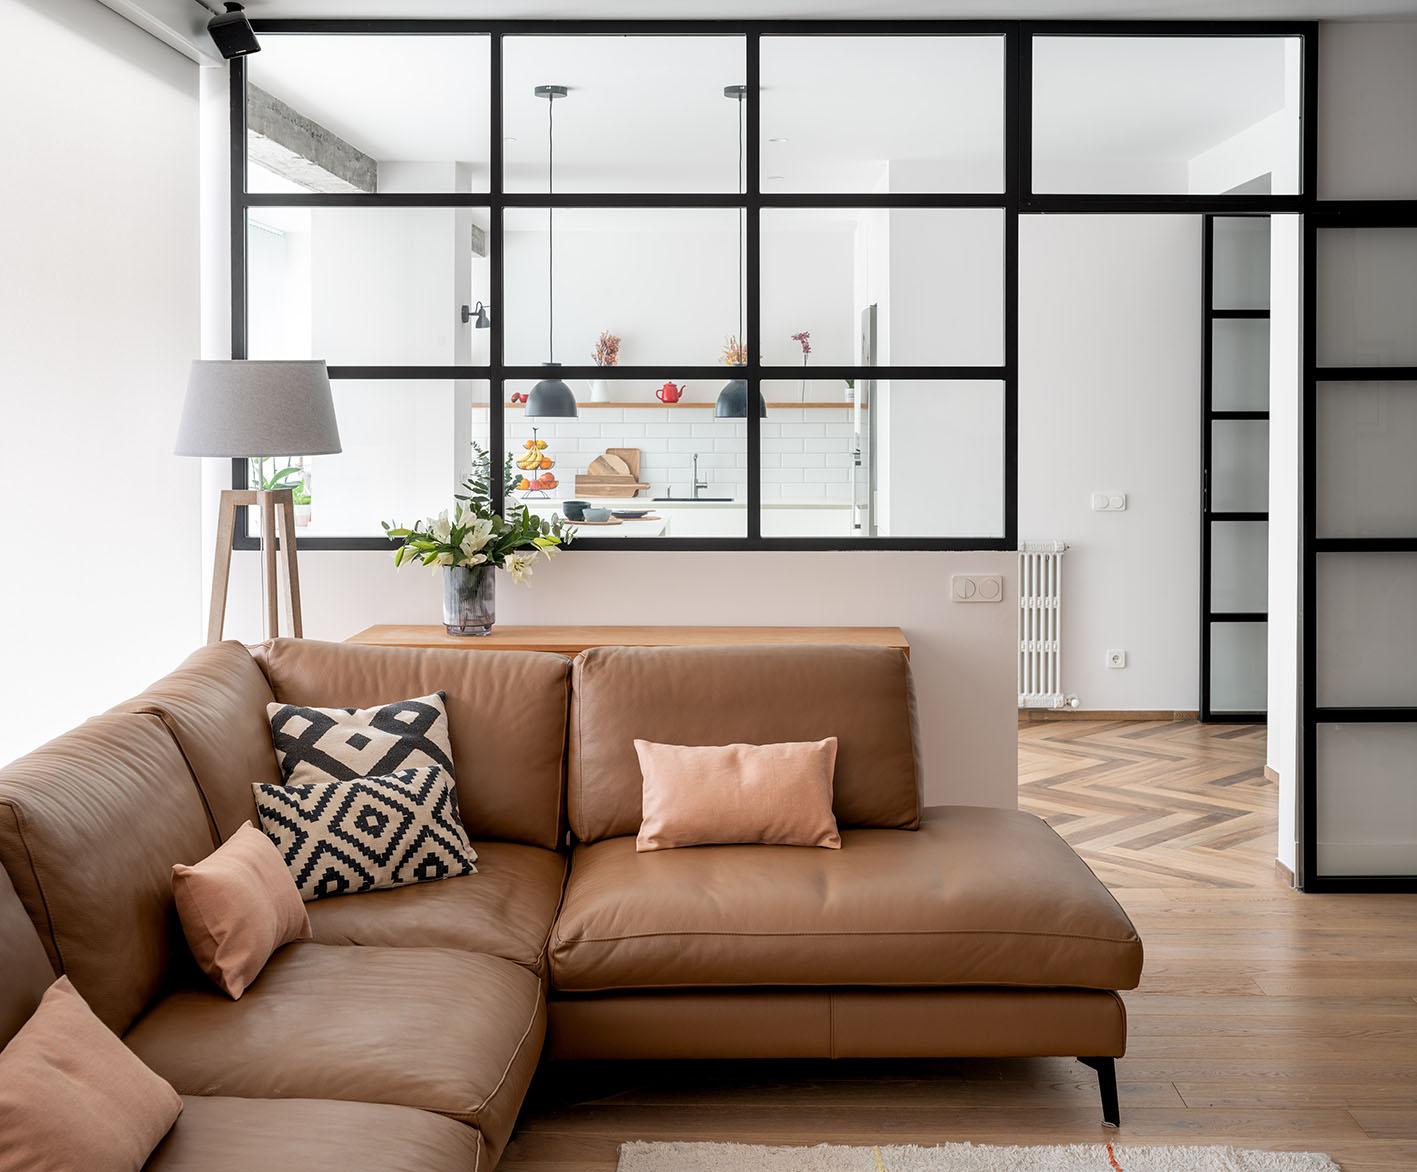 Reportaje fotográfico de arquitectura - Imagen del salón